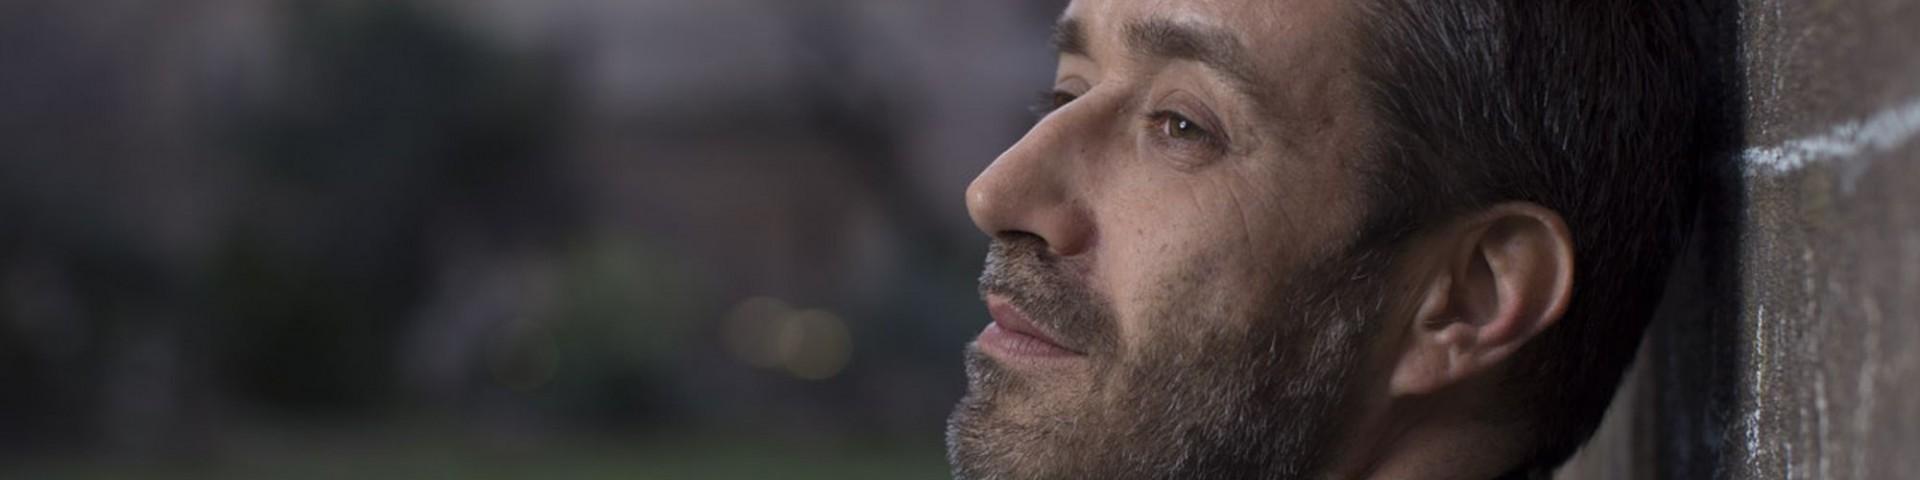 La terra sotto i piedi: ritorna Daniele Silvestri, cambiato ma sempre col megafono